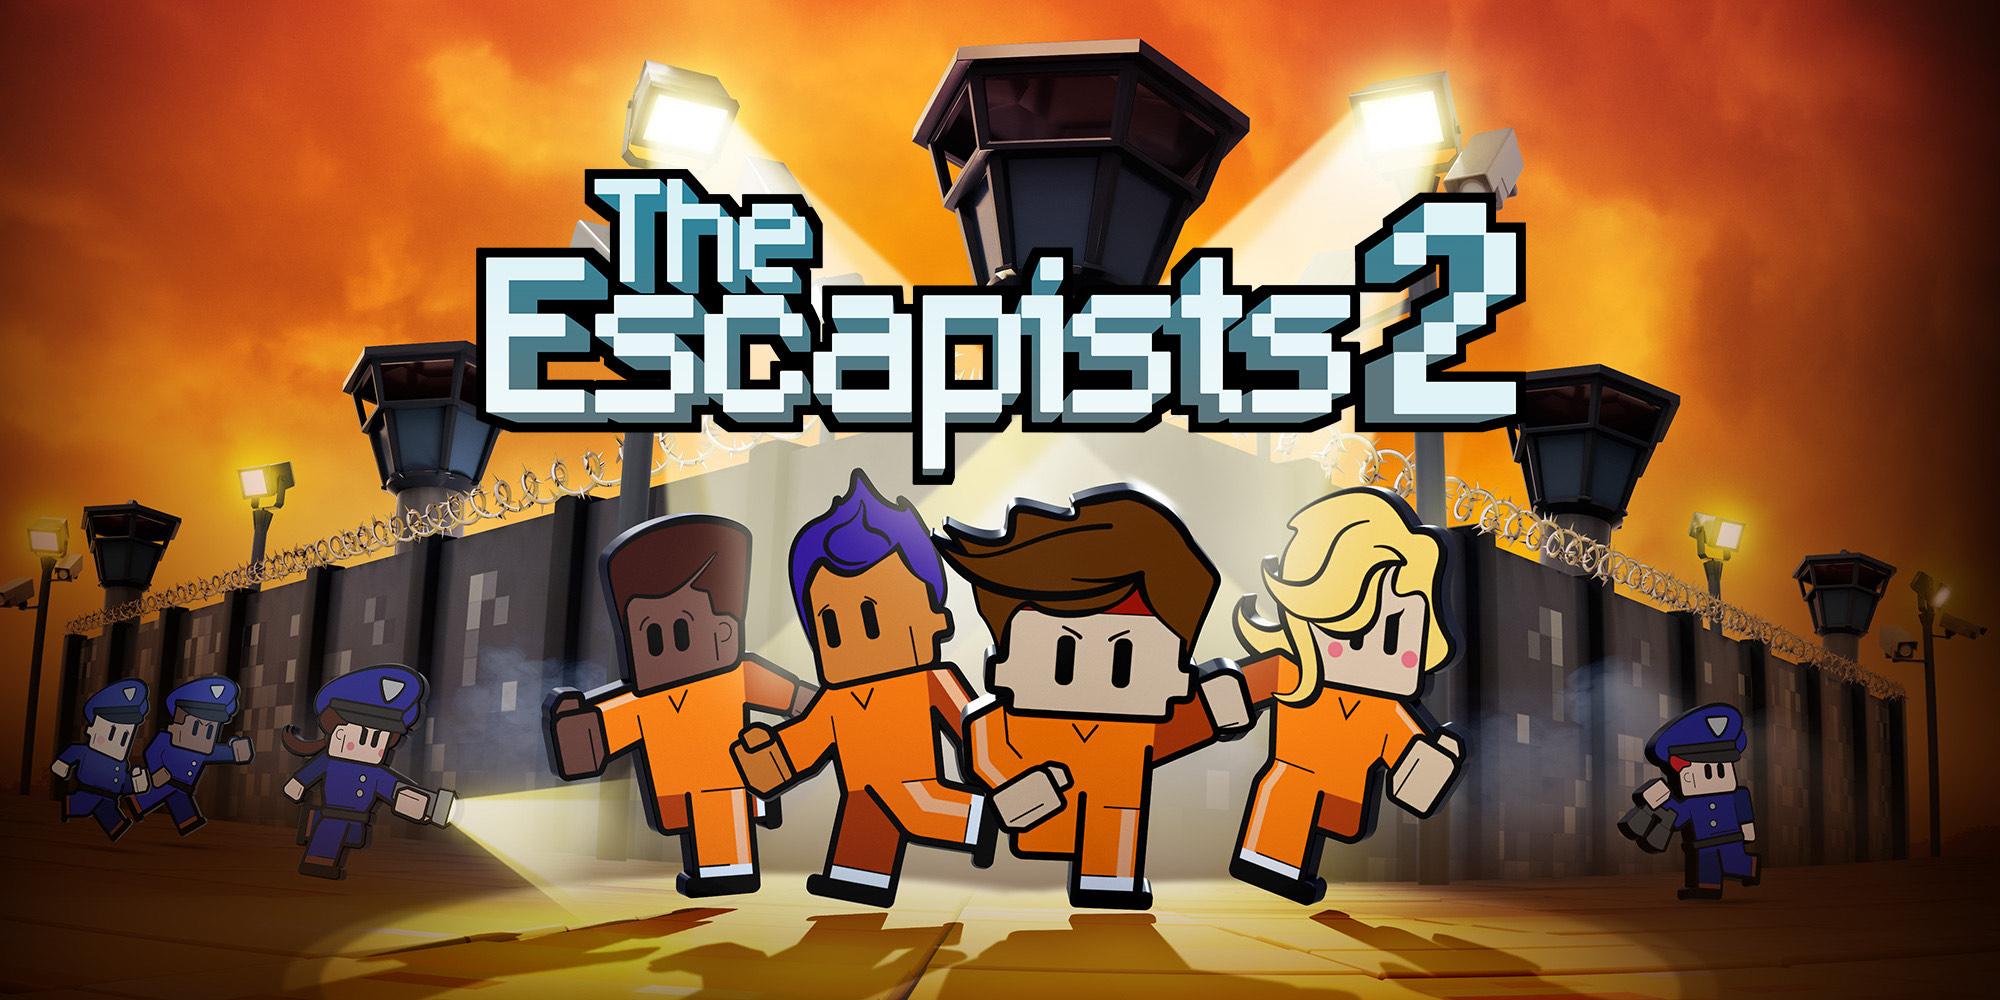 The Escapist 2 Nintendo eshop 4.11 SA £6.79 at Nintendo eShop